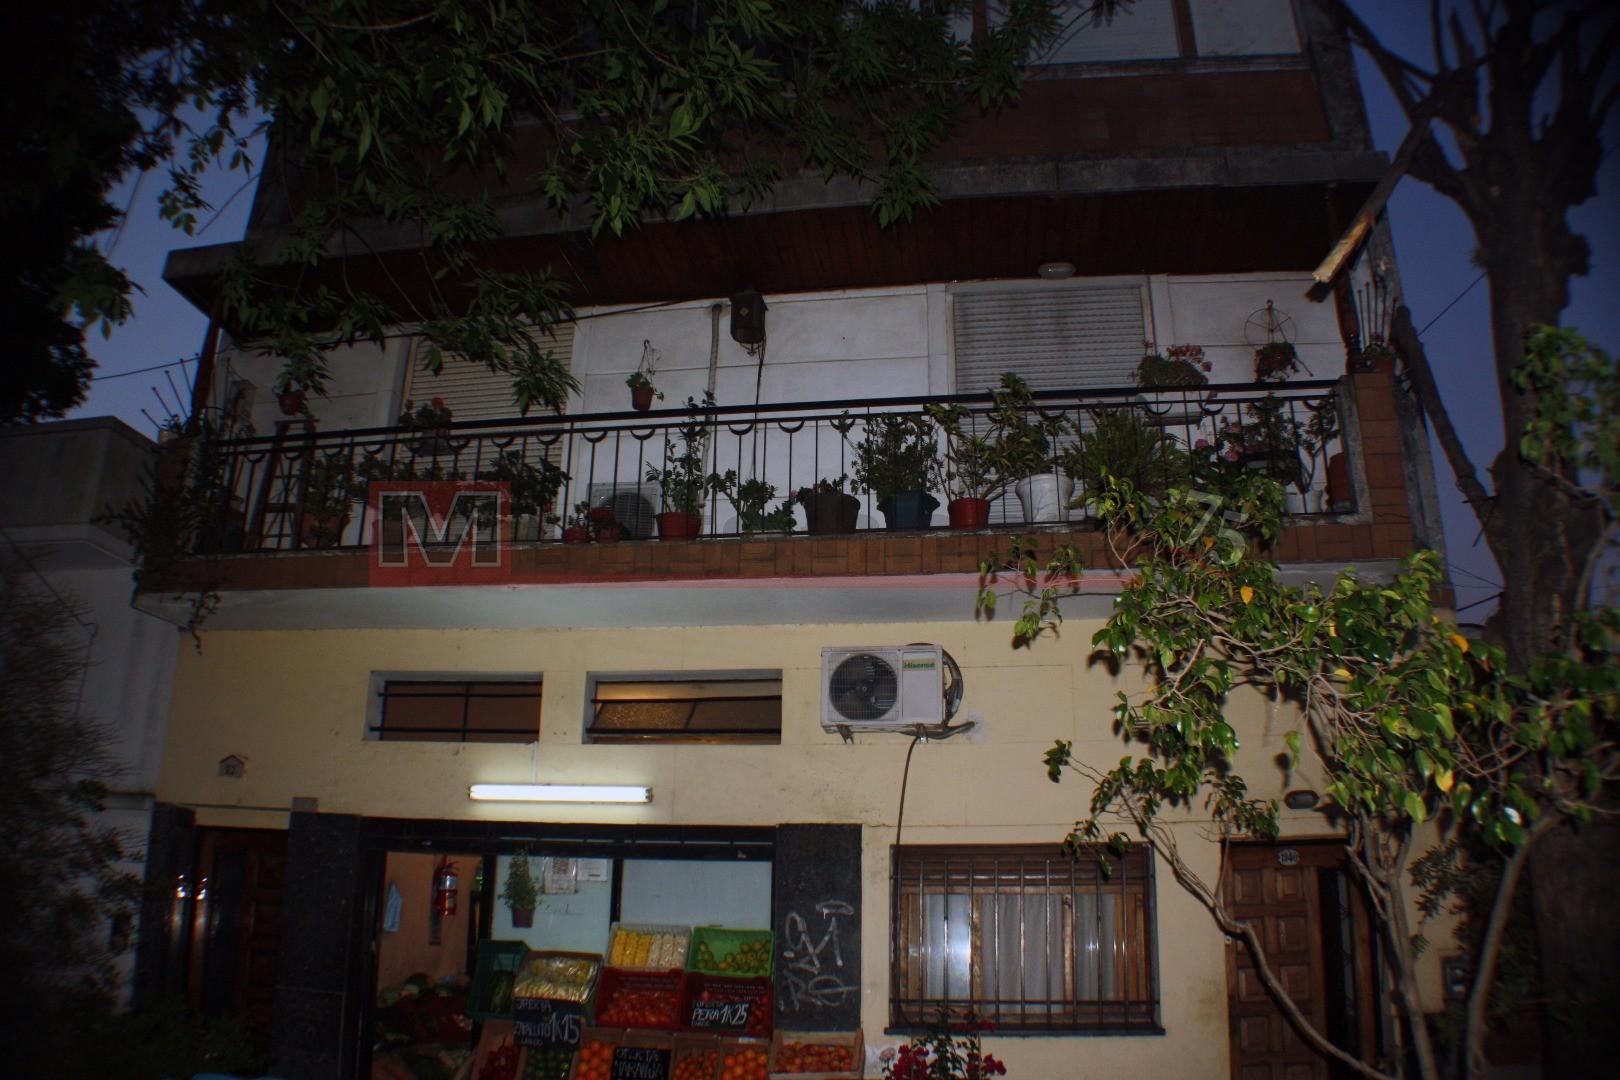 Venta en Block 2 Departamentos Tipo Casa 3 y 2 Ambientes con Terraza en Parque Avellaneda